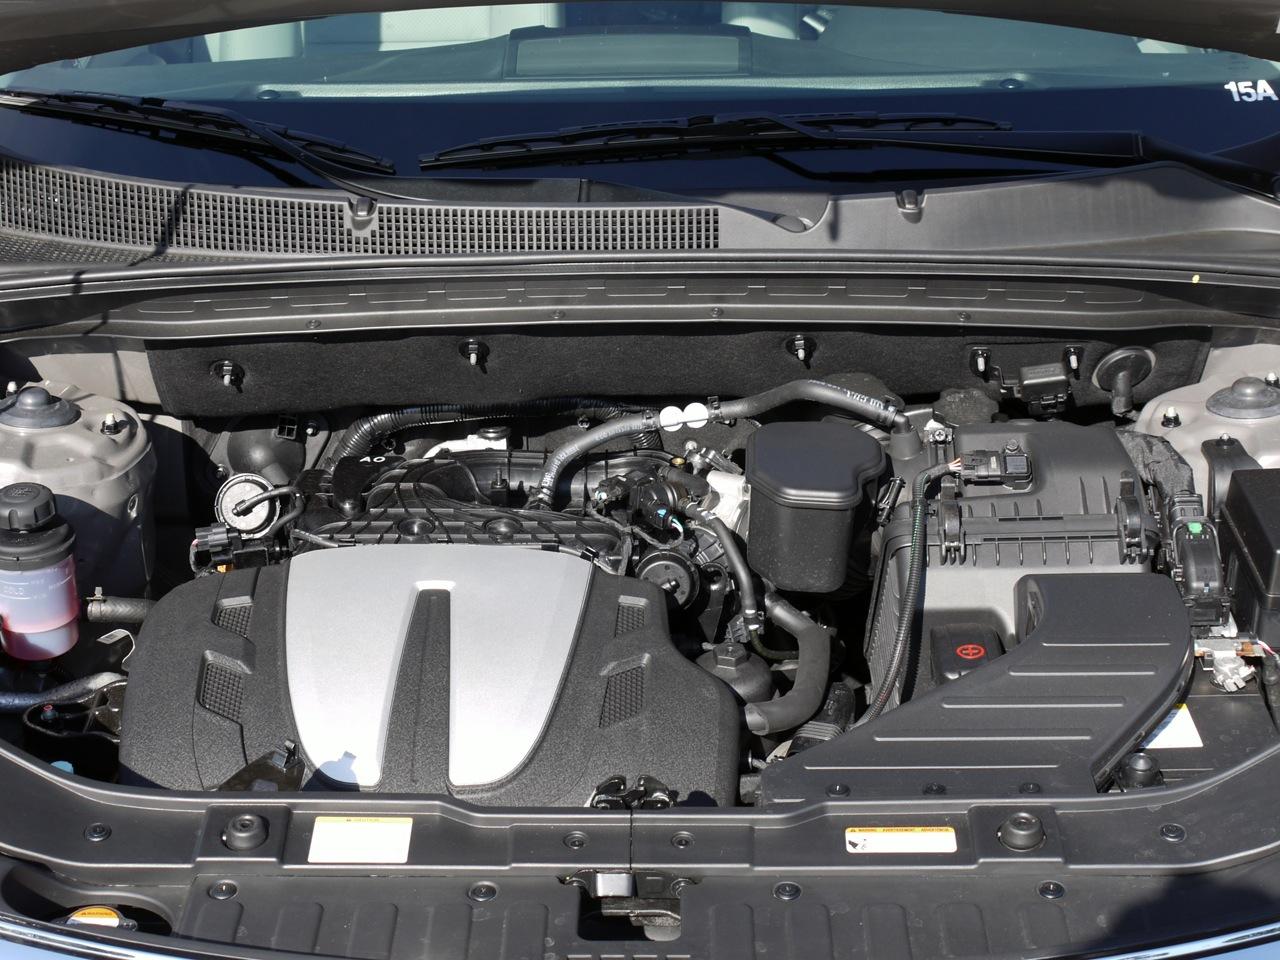 2011 Kia Sorento Engine